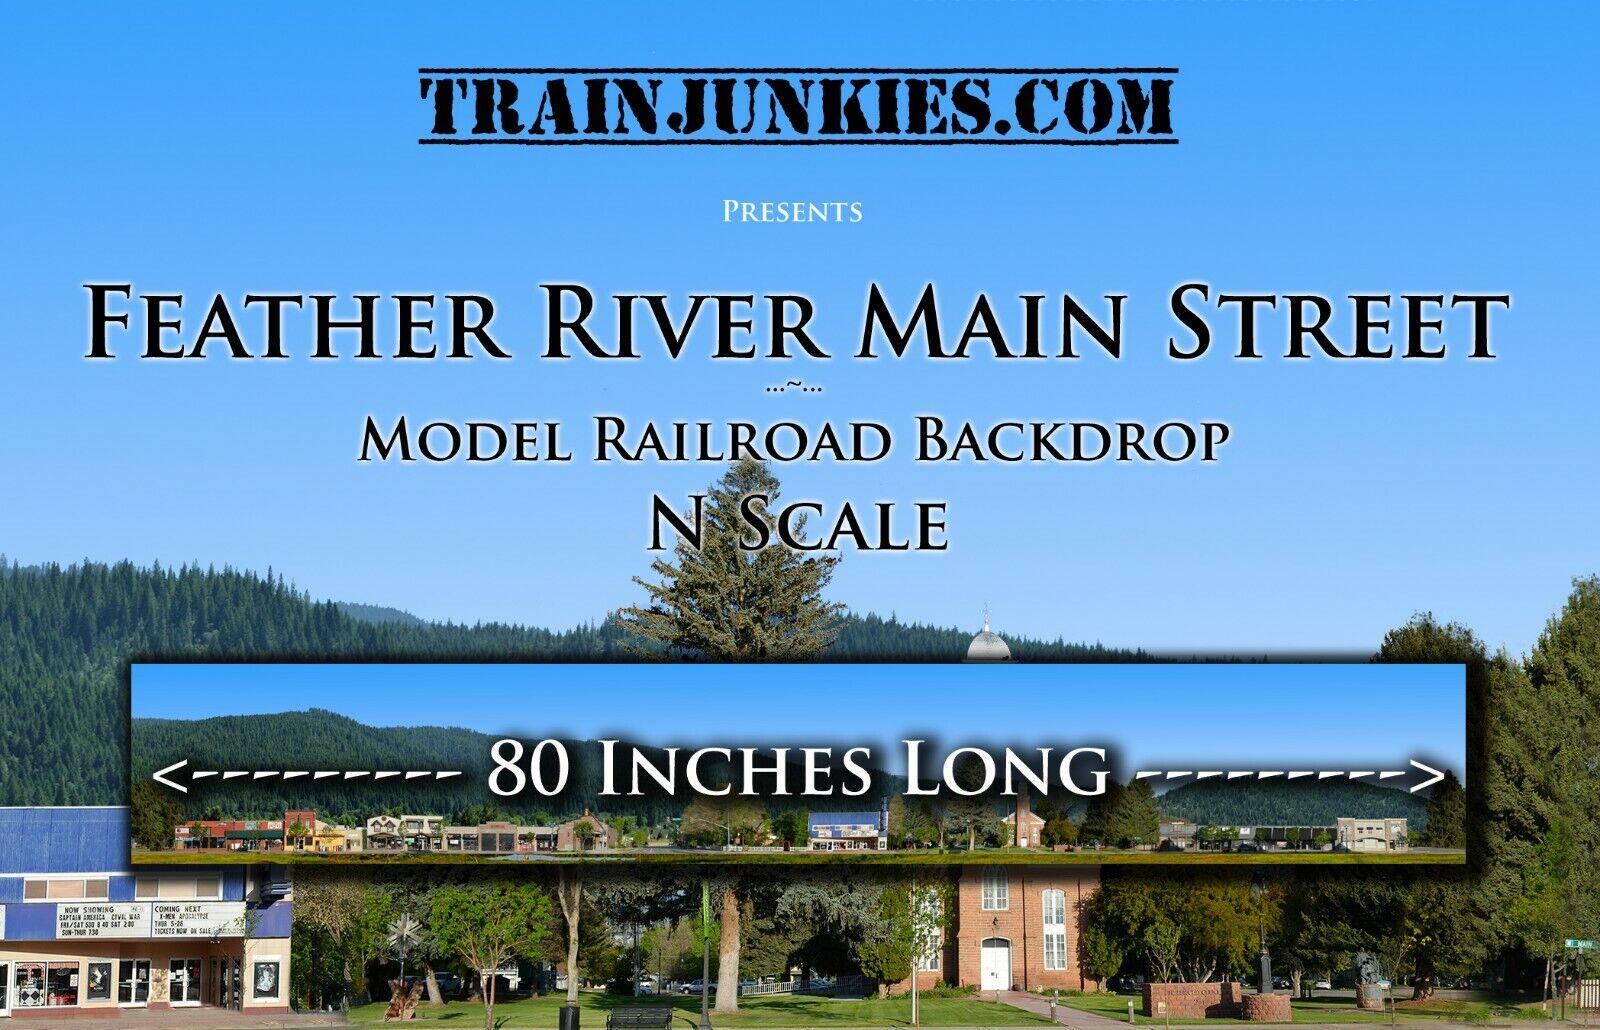 Train Junkies N Scale Central Vtuttiey Field modellolo Railstrada Backdrop 12x80